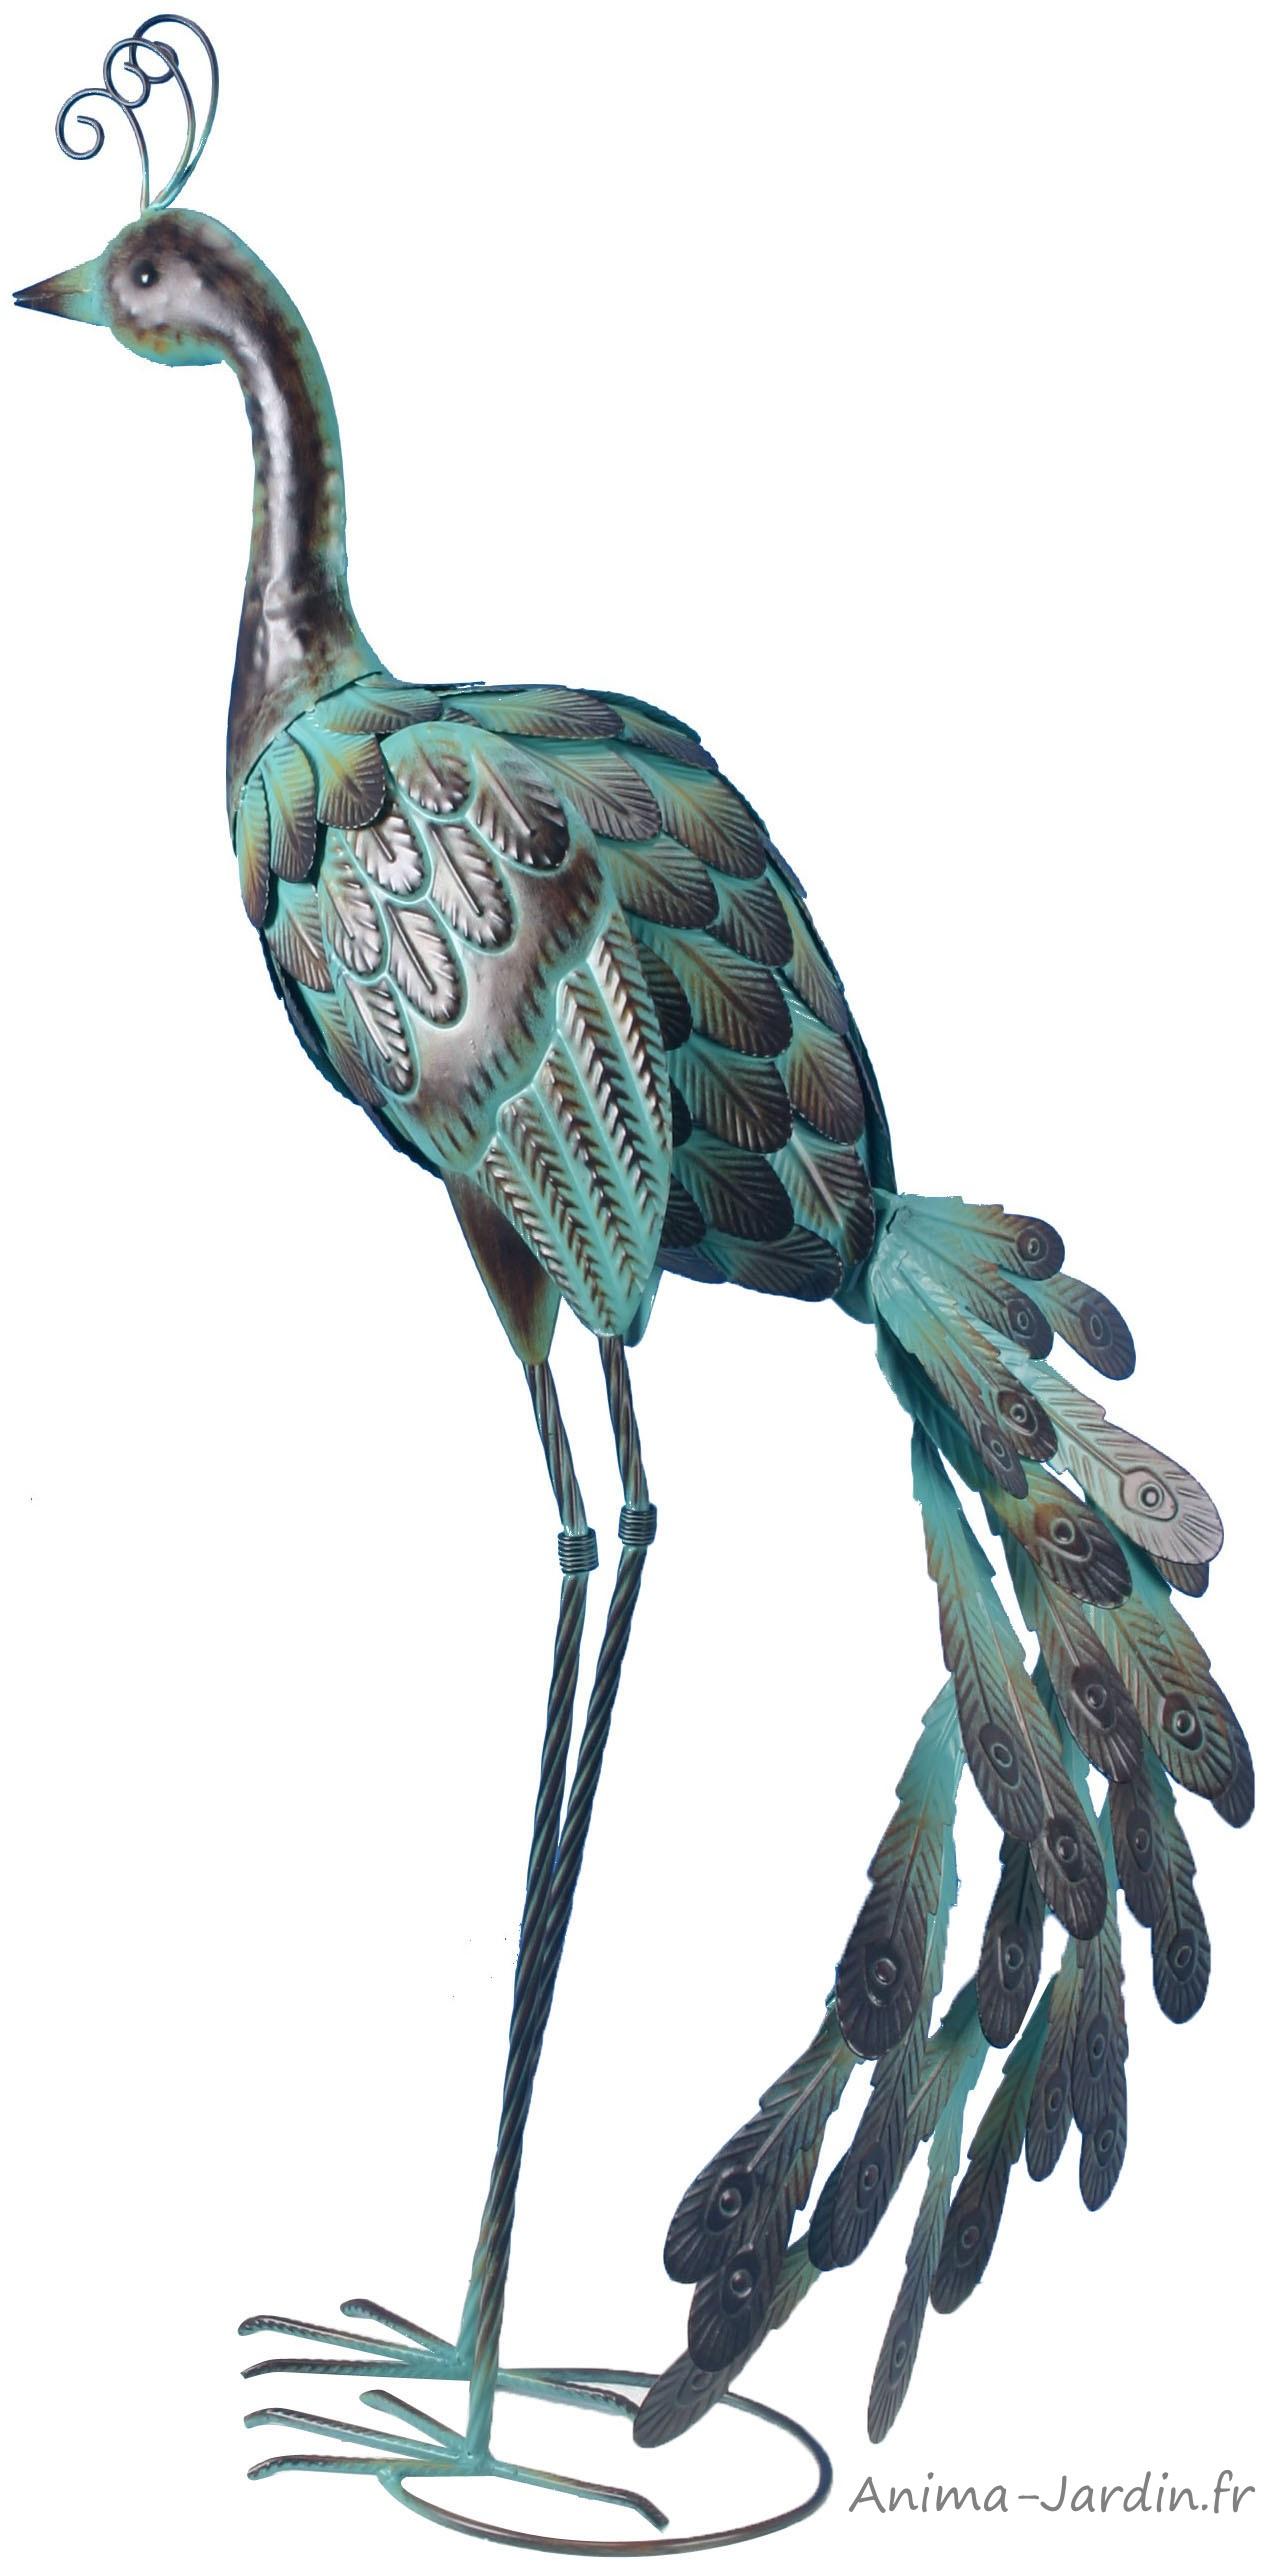 paon-animal-oiseau-métal-anima-jardin